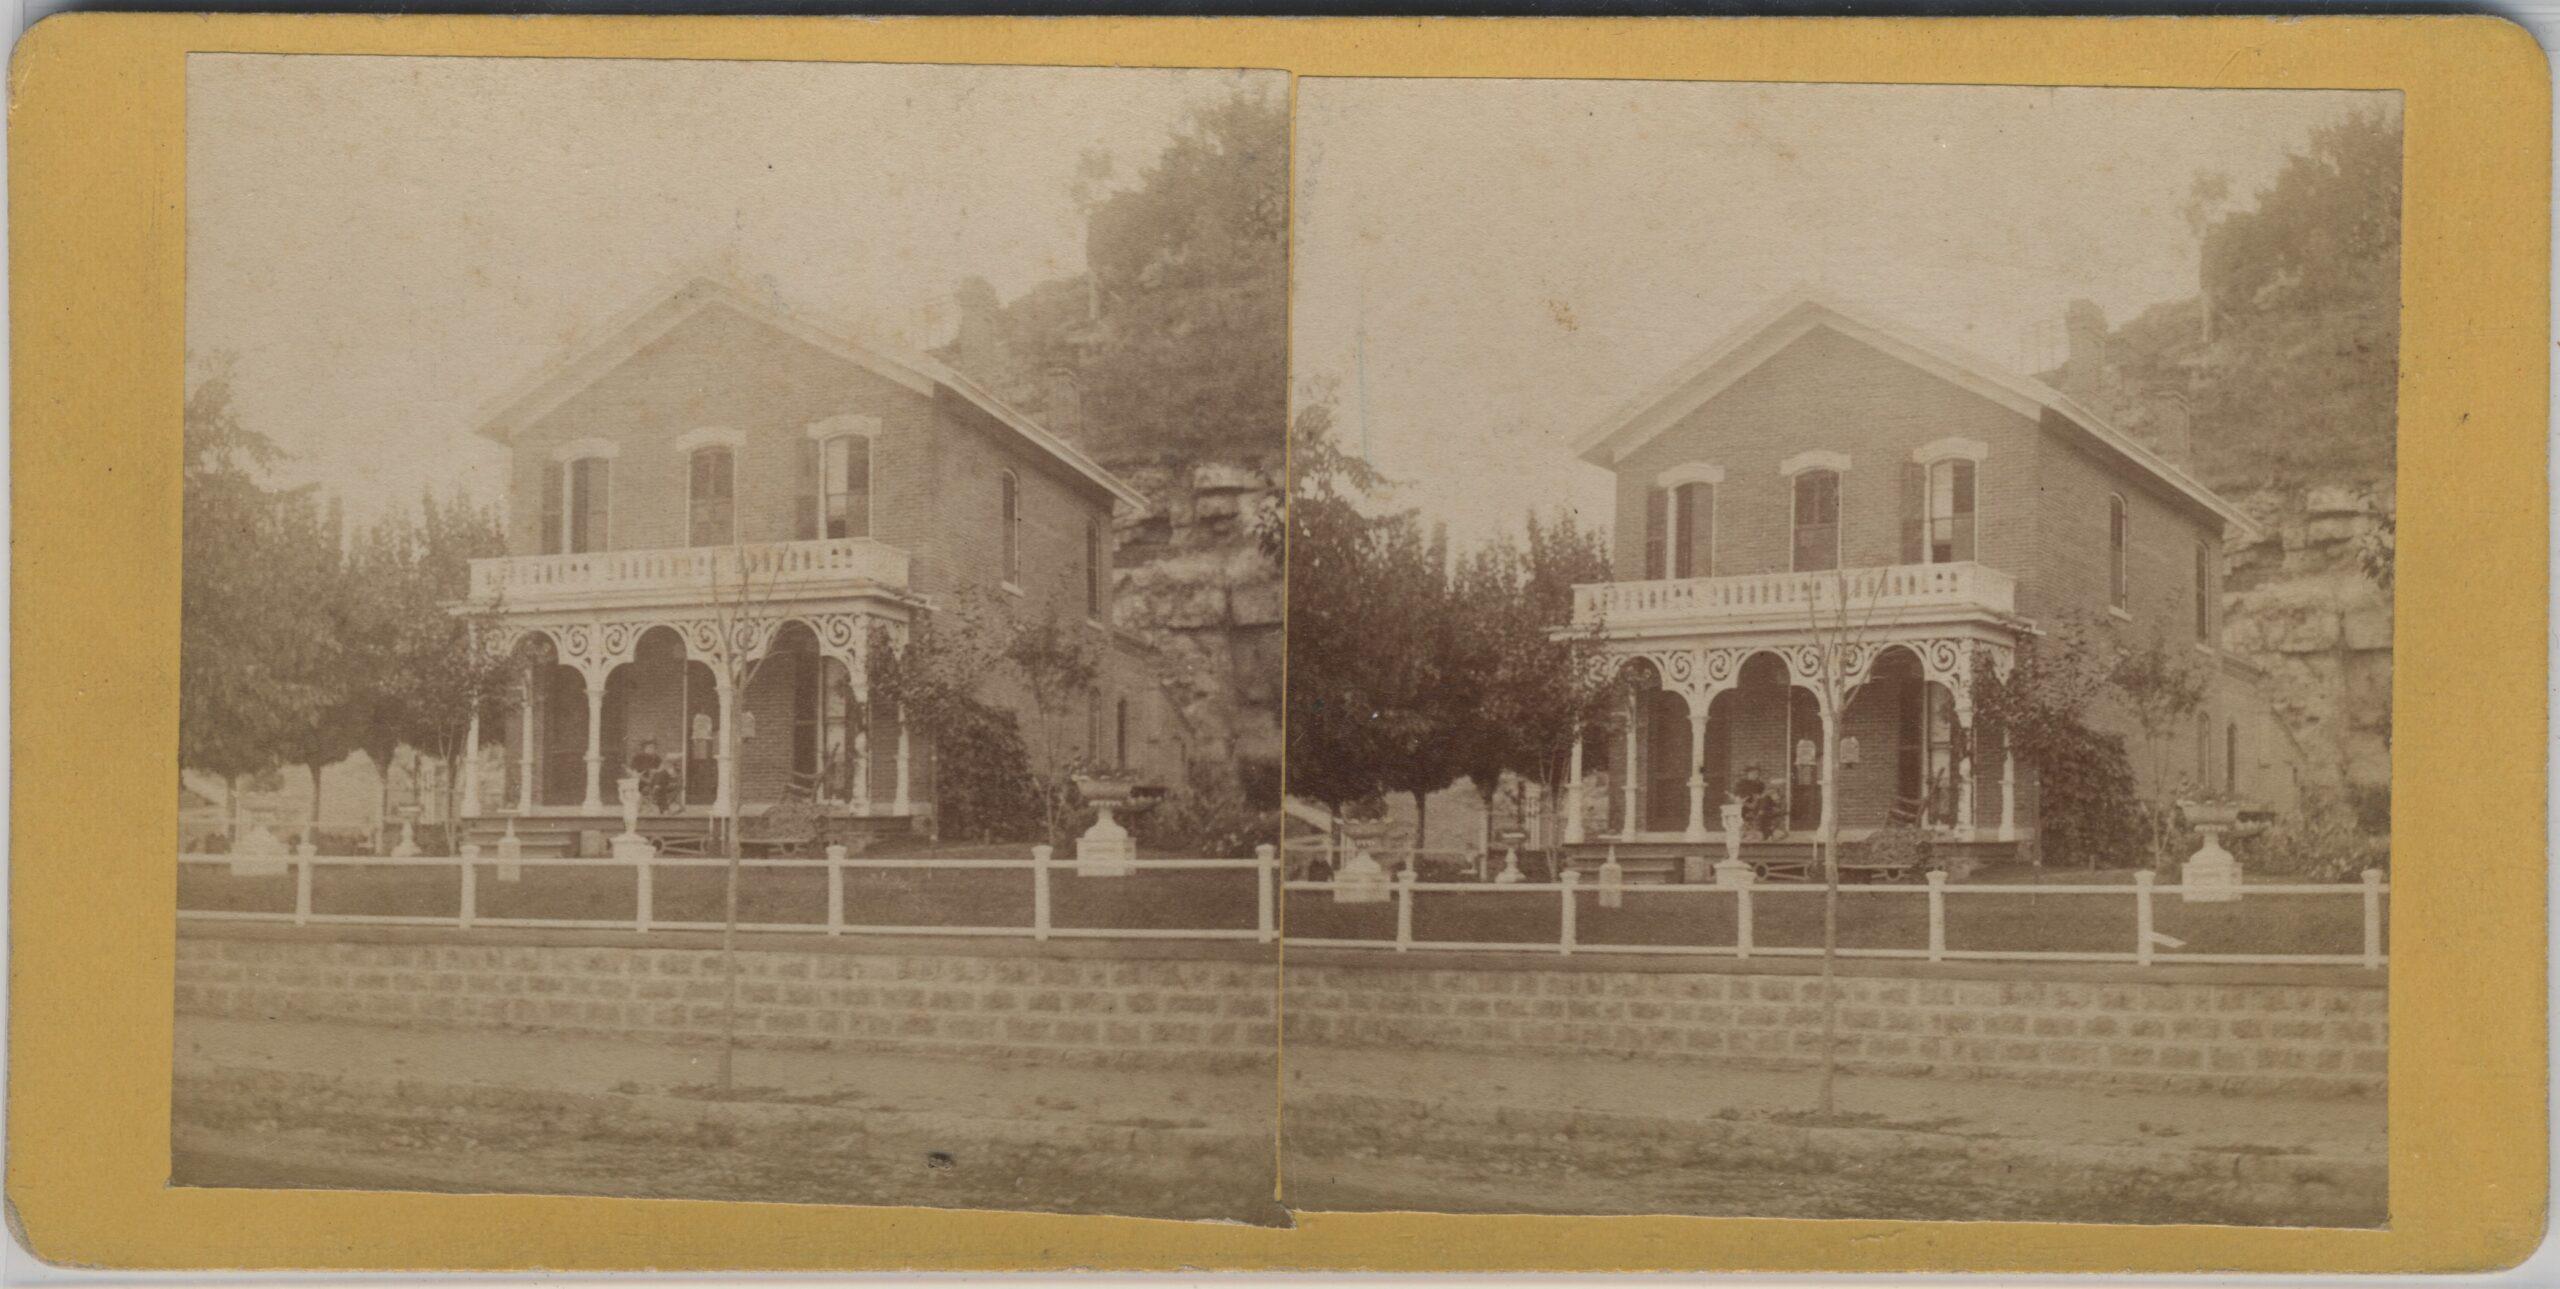 LJTP 100.287 - S. Root - Samuel Root Home - 1870